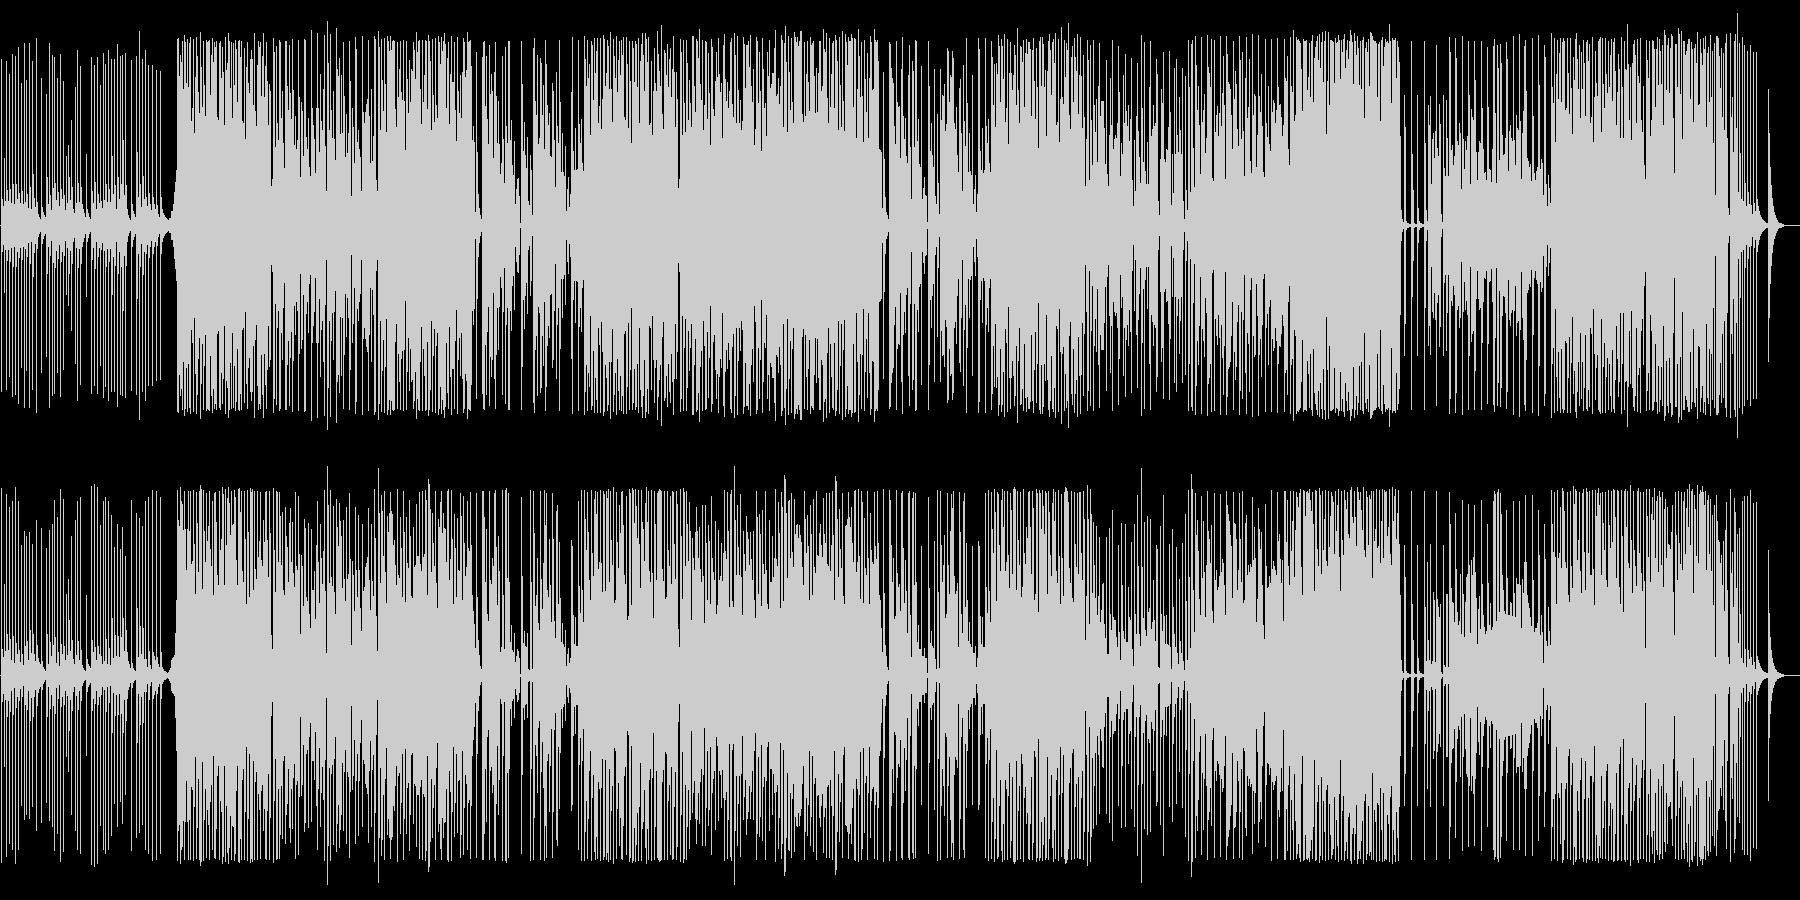 鉄琴の音色ではじまるせつない曲の未再生の波形